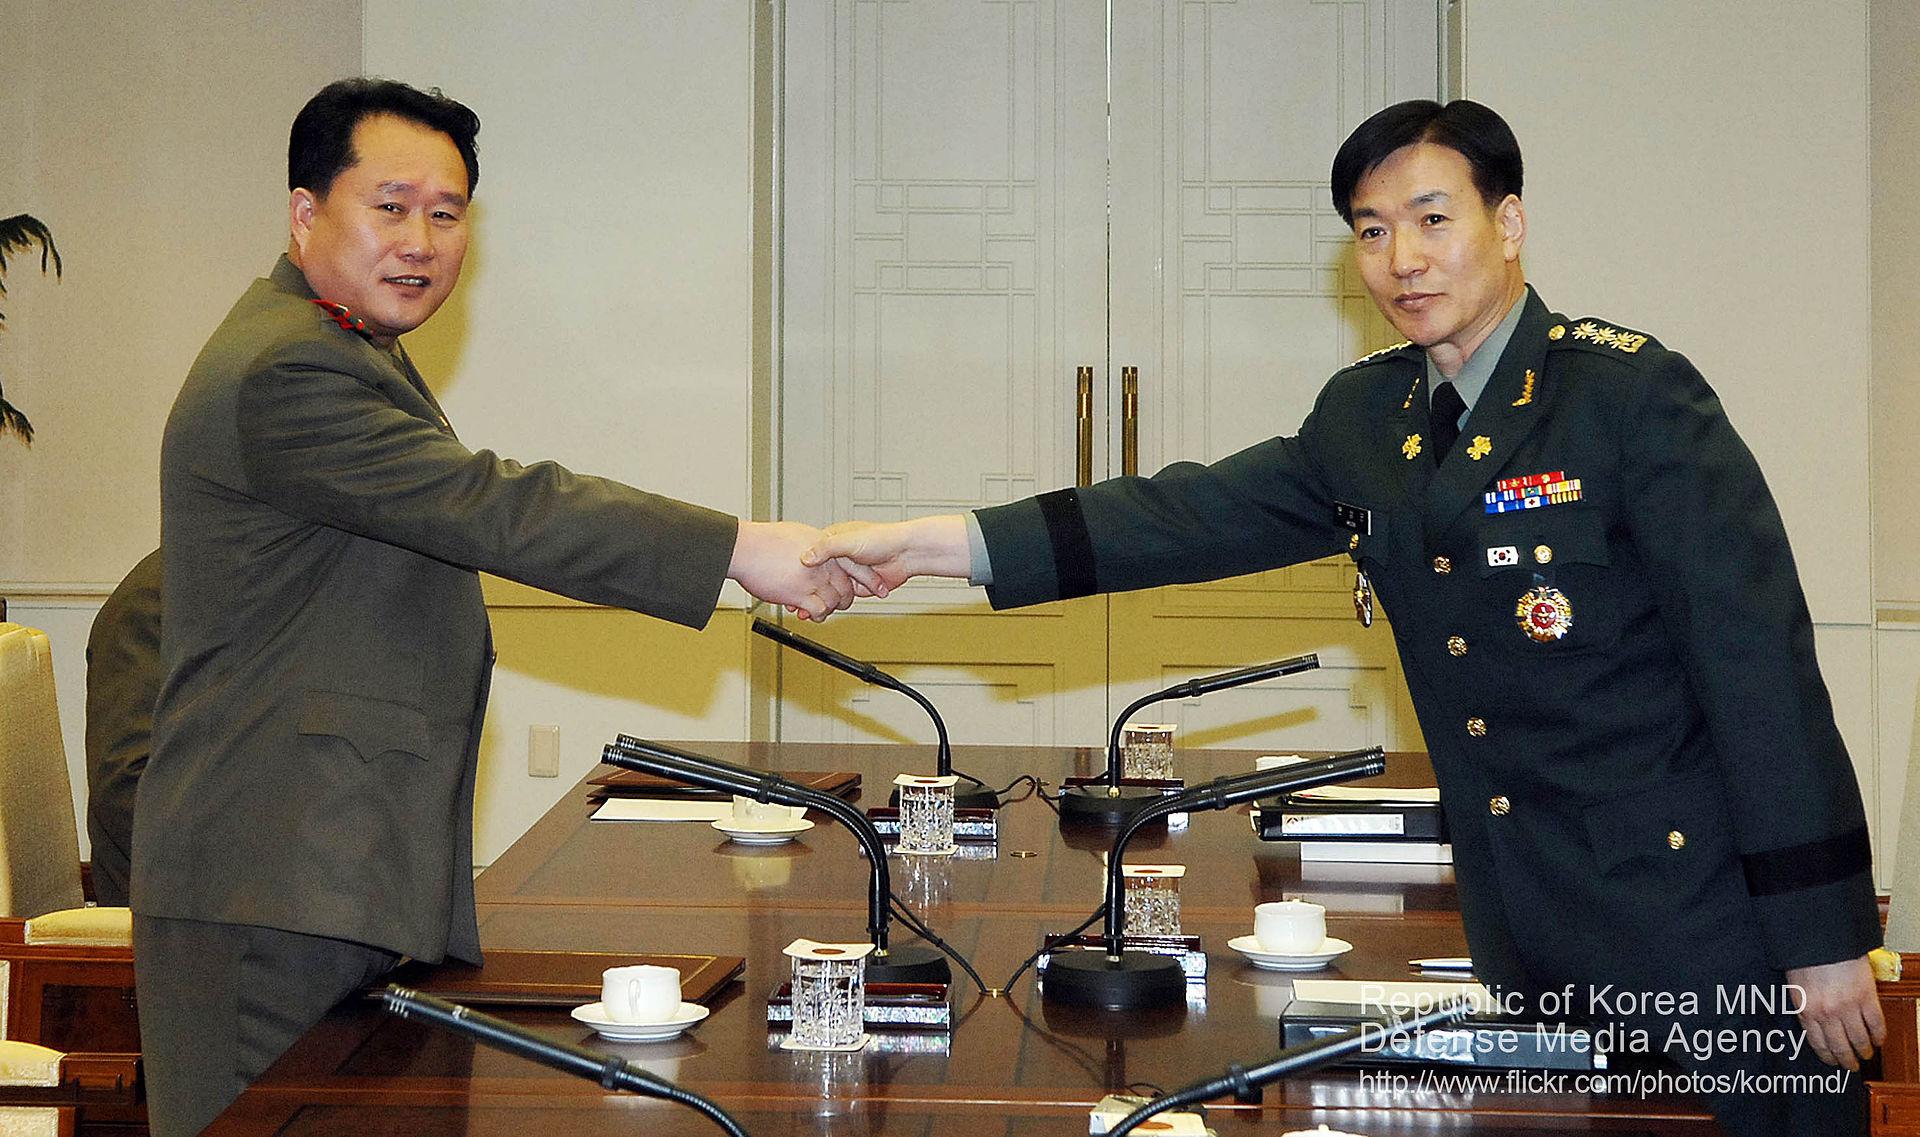 2006年 李善权参加南北将领和南北军事实务会谈 图源:韩国国防部